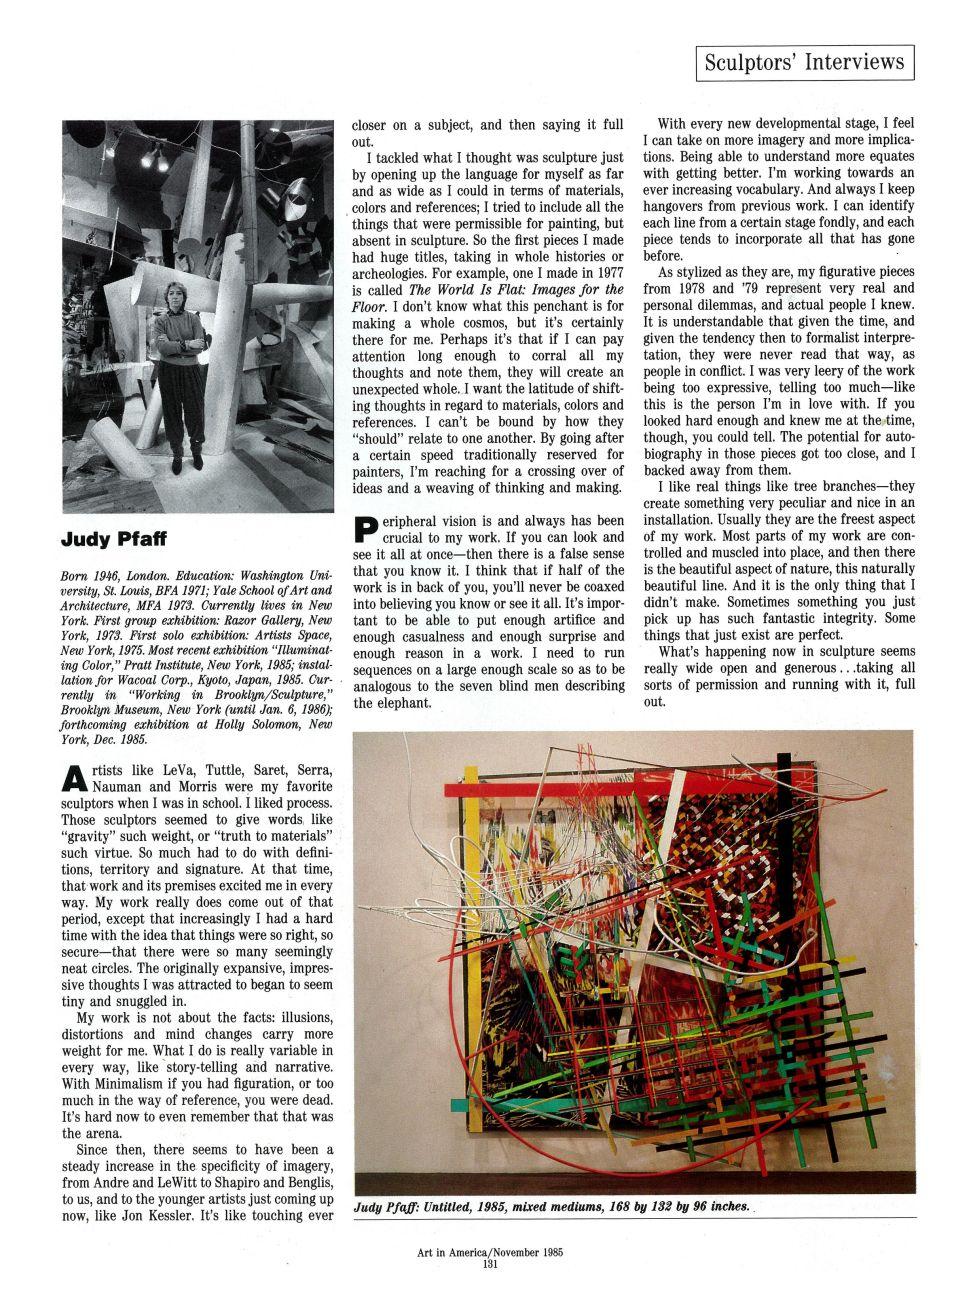 art_in_america_1985_talking_objects_page131